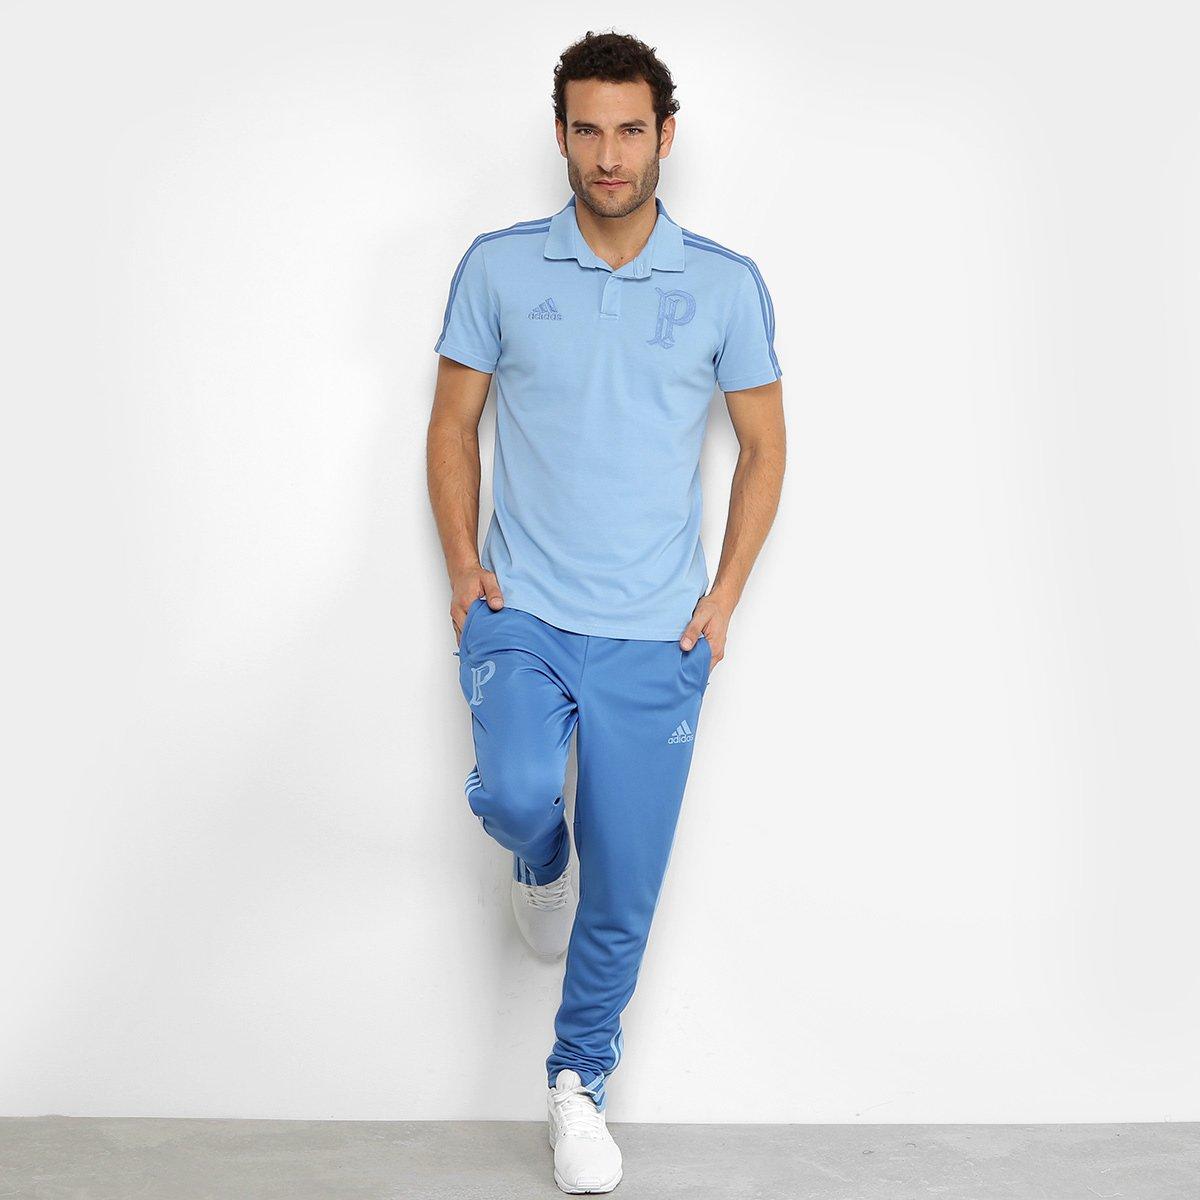 6b00192086 Camisa Polo Palmeiras Adidas Cotton Masculina - Azul - Compre Agora ...